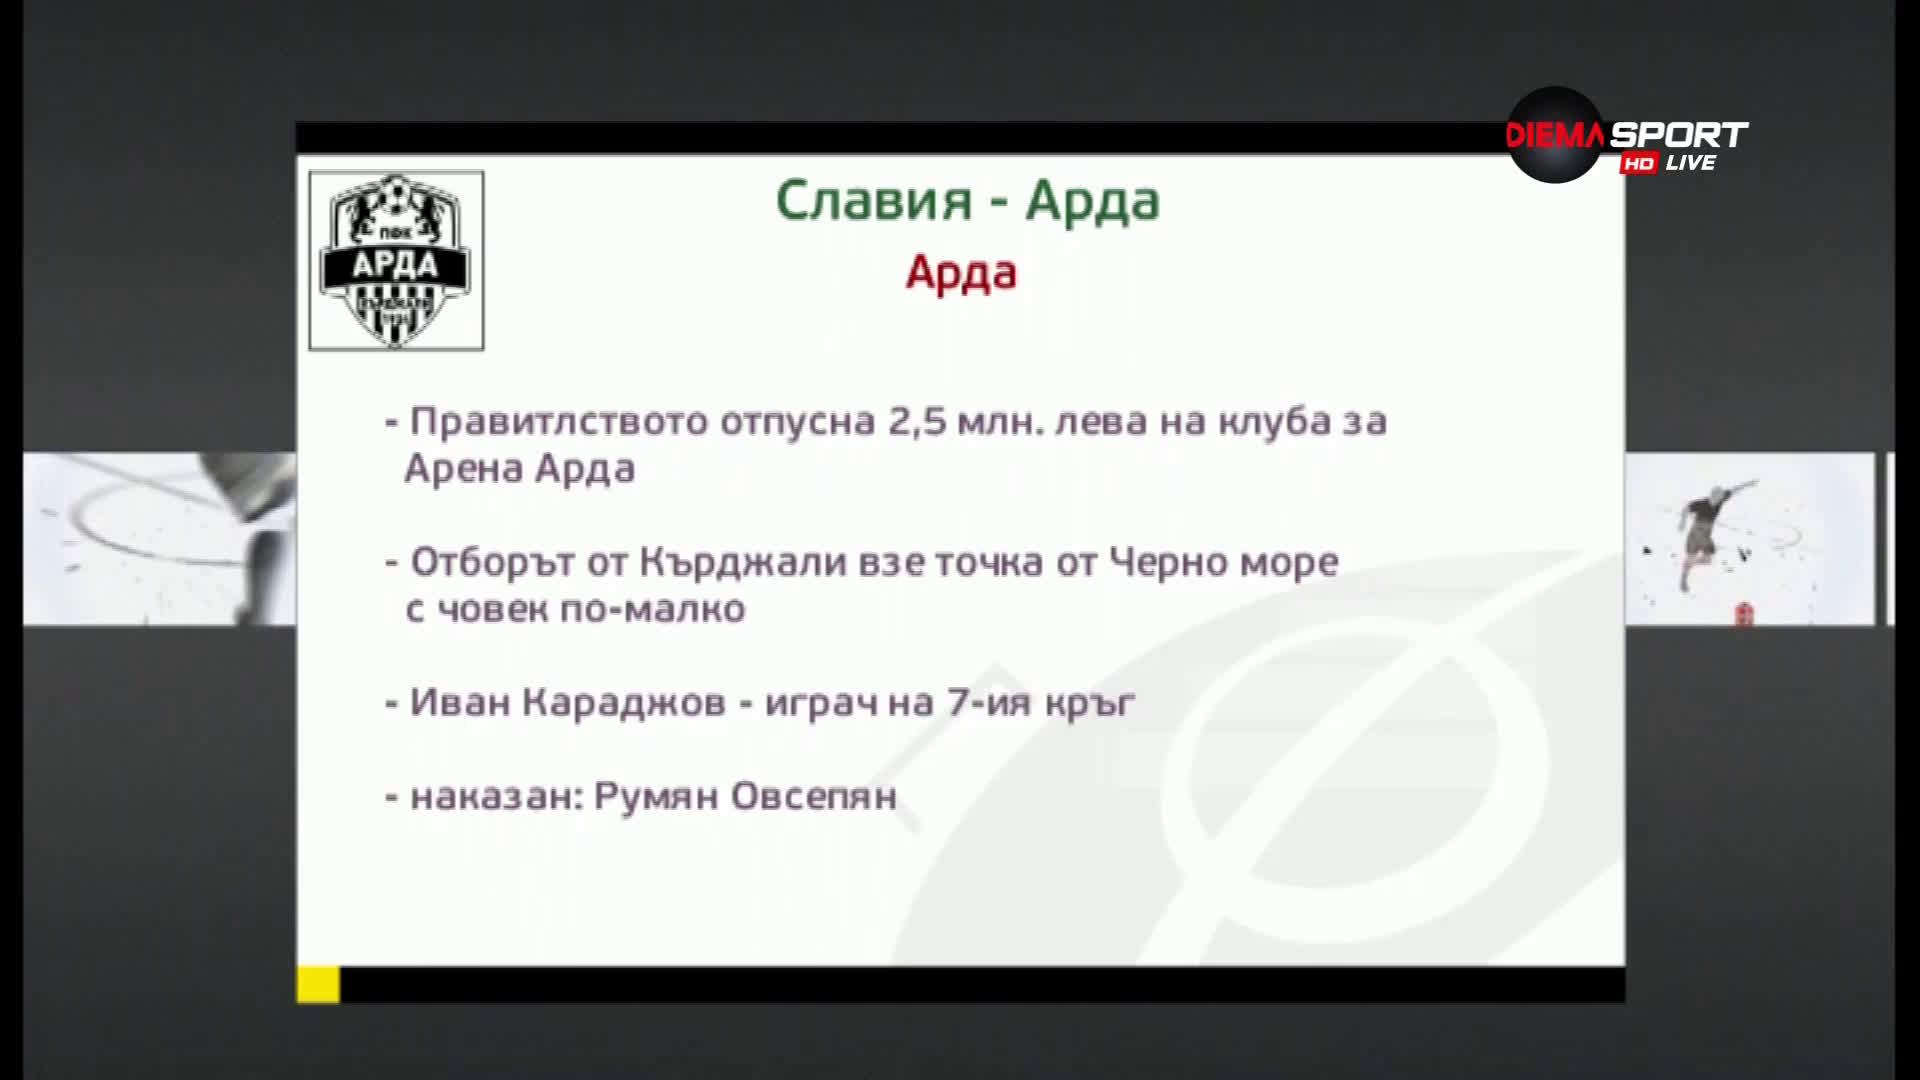 Славия ще търси победа над Арда